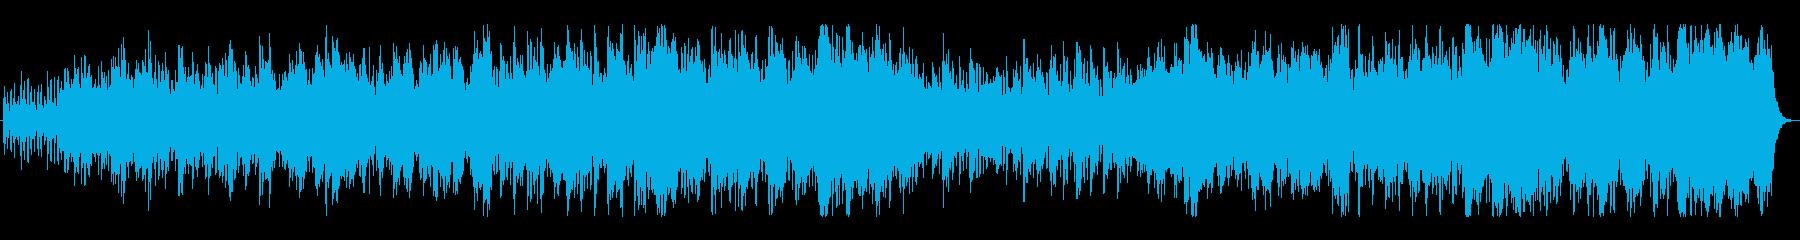 王道ファンタジーRPGのフィールドBGMの再生済みの波形